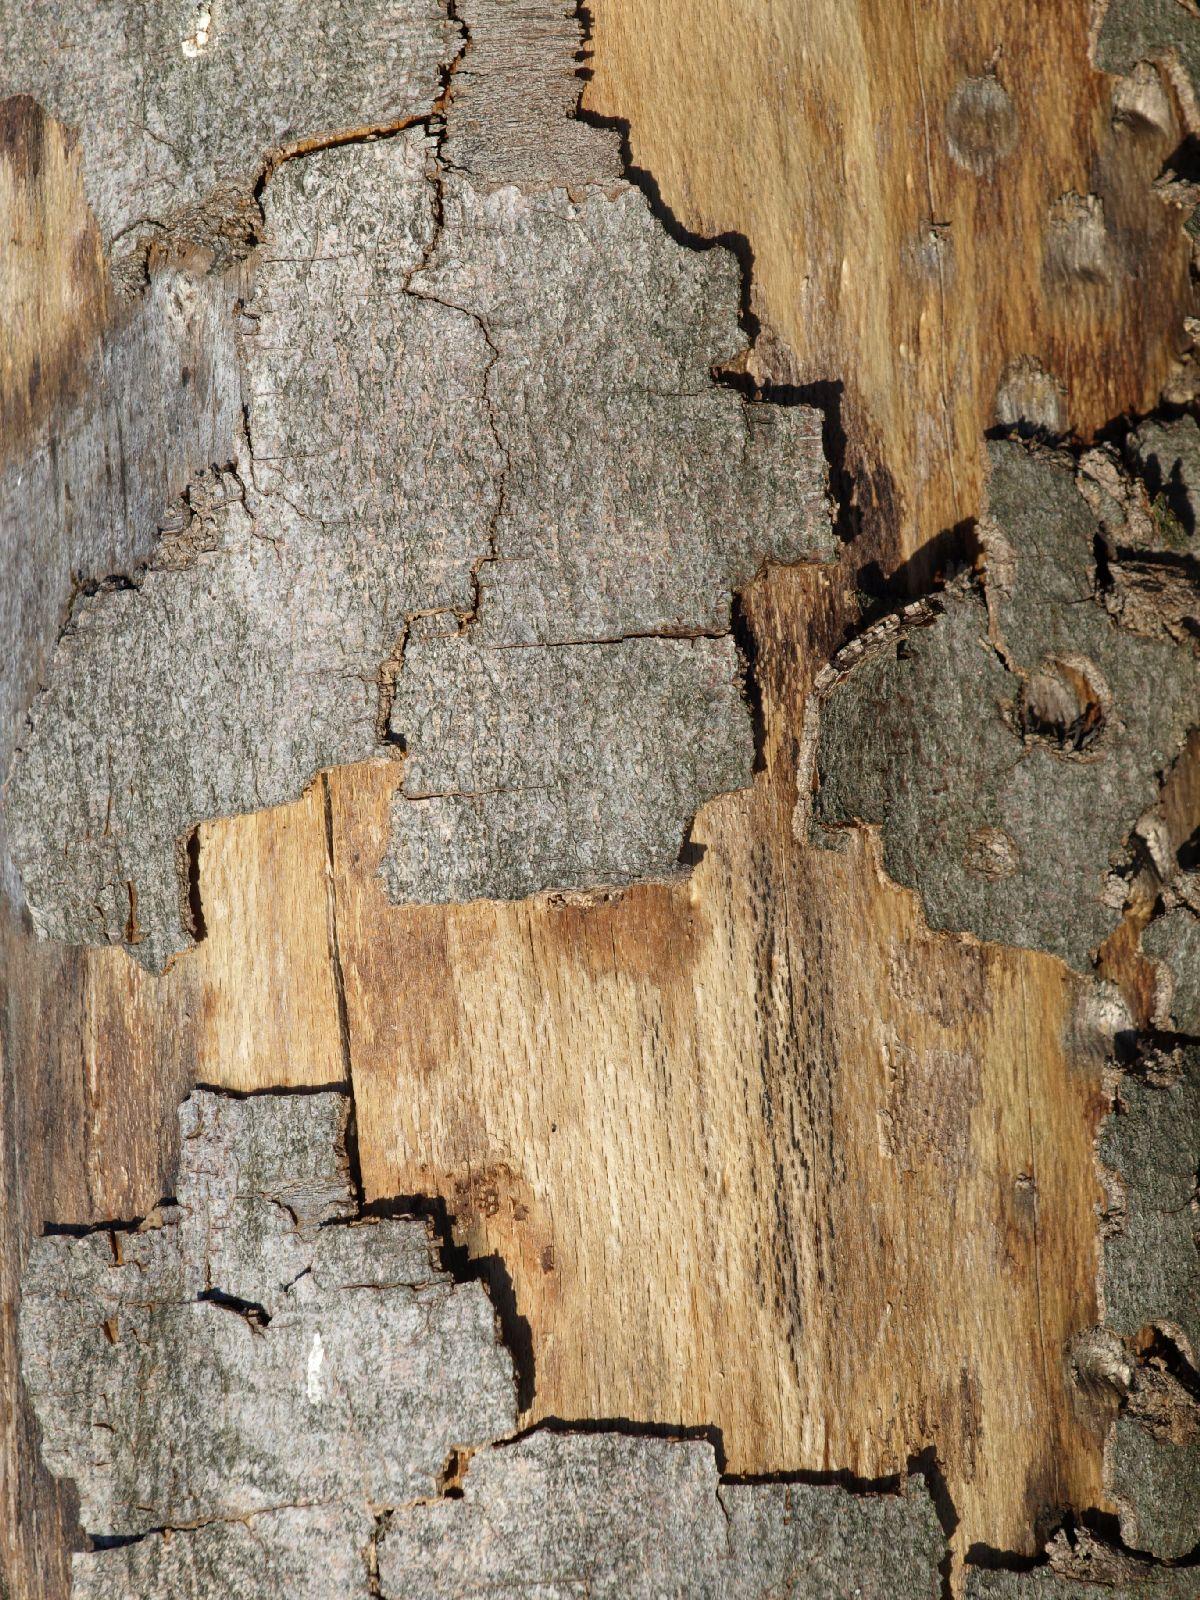 Baum-Rinde_Textur_A_PA180273